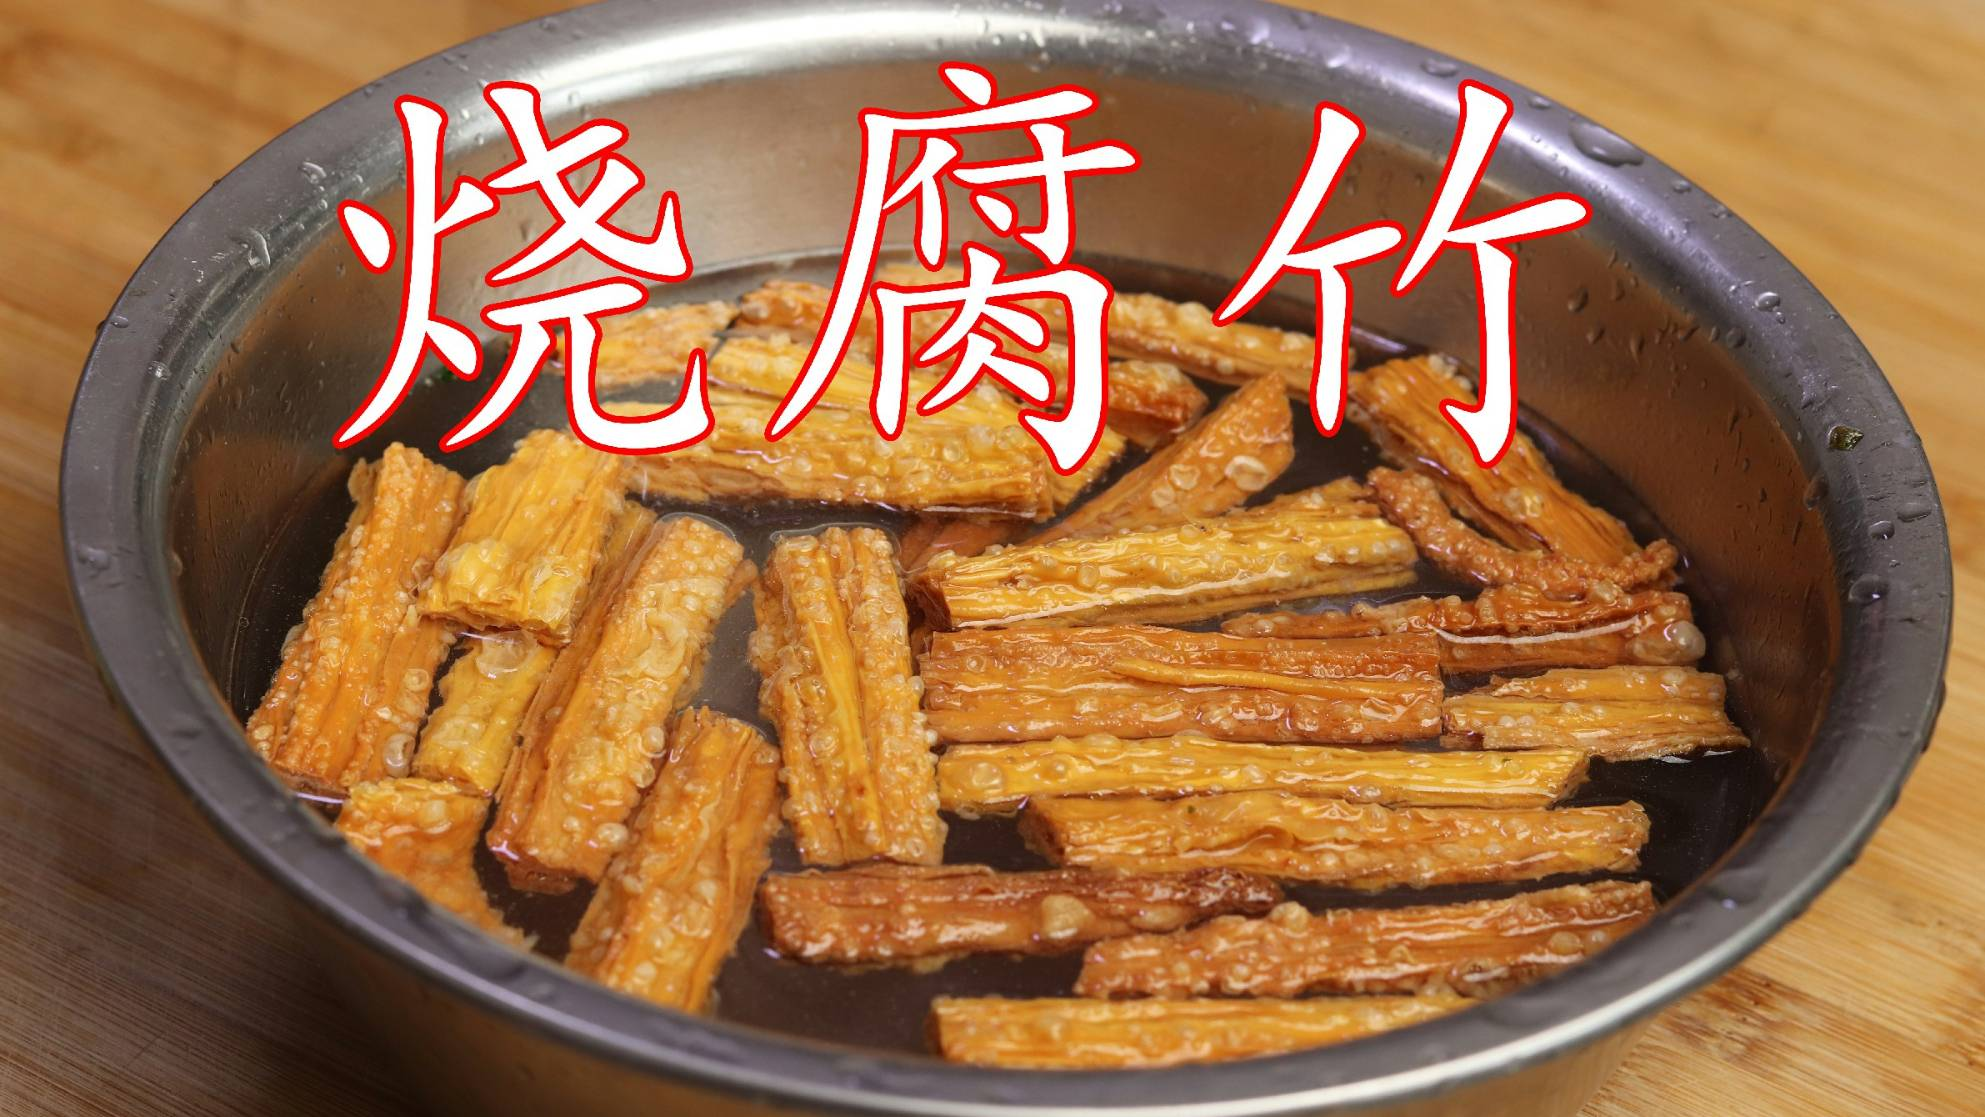 比肉都好吃的烧腐竹,很多人都不会炒,掌握好技巧在家也能做大厨